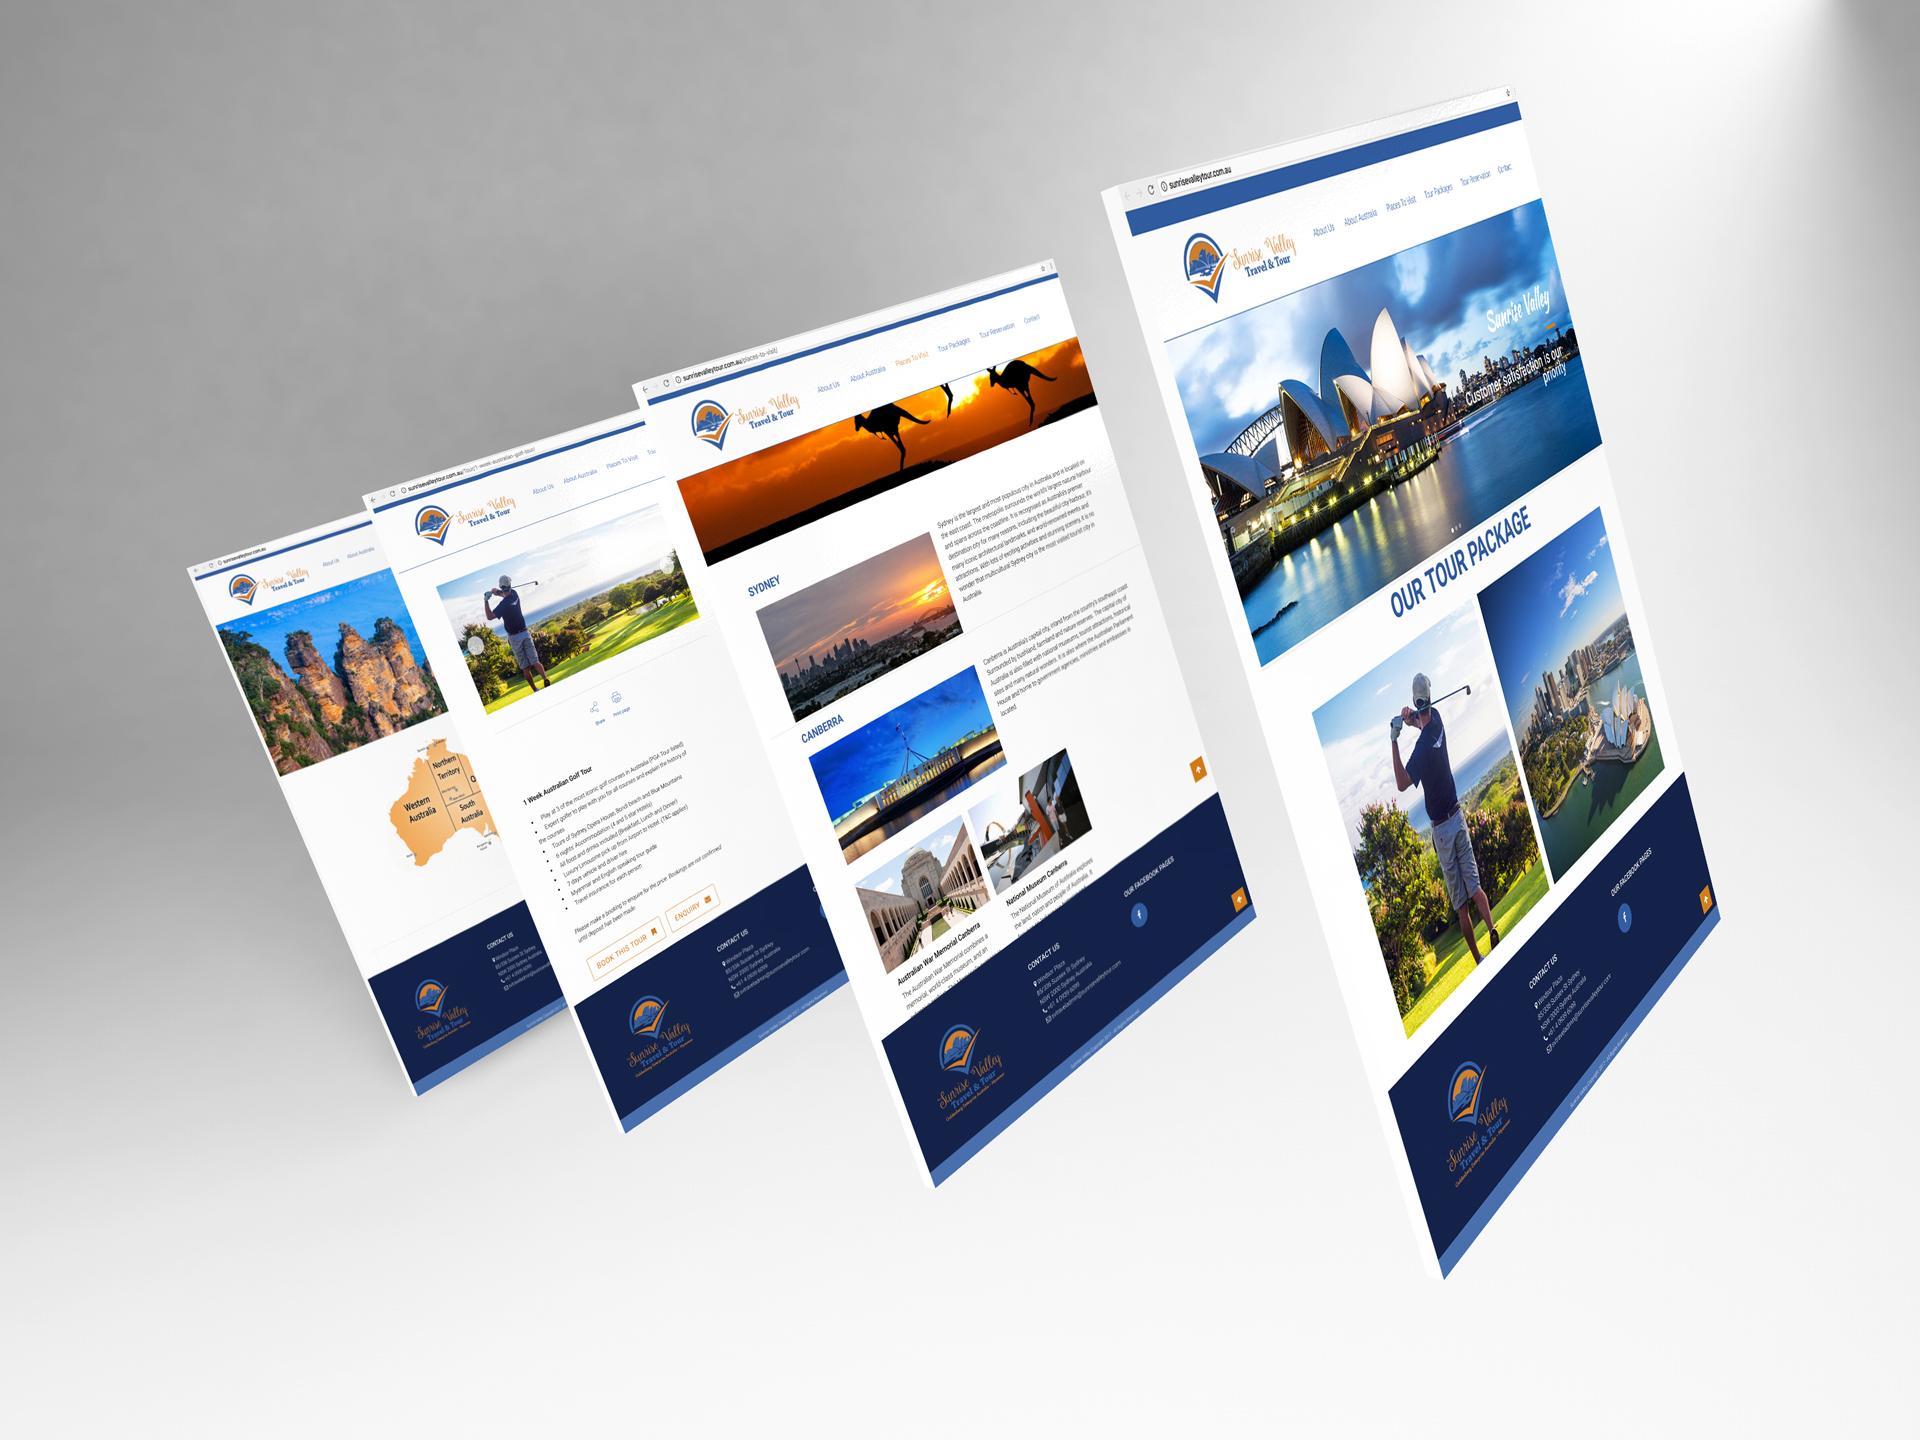 sv-tour-website-portfolio2